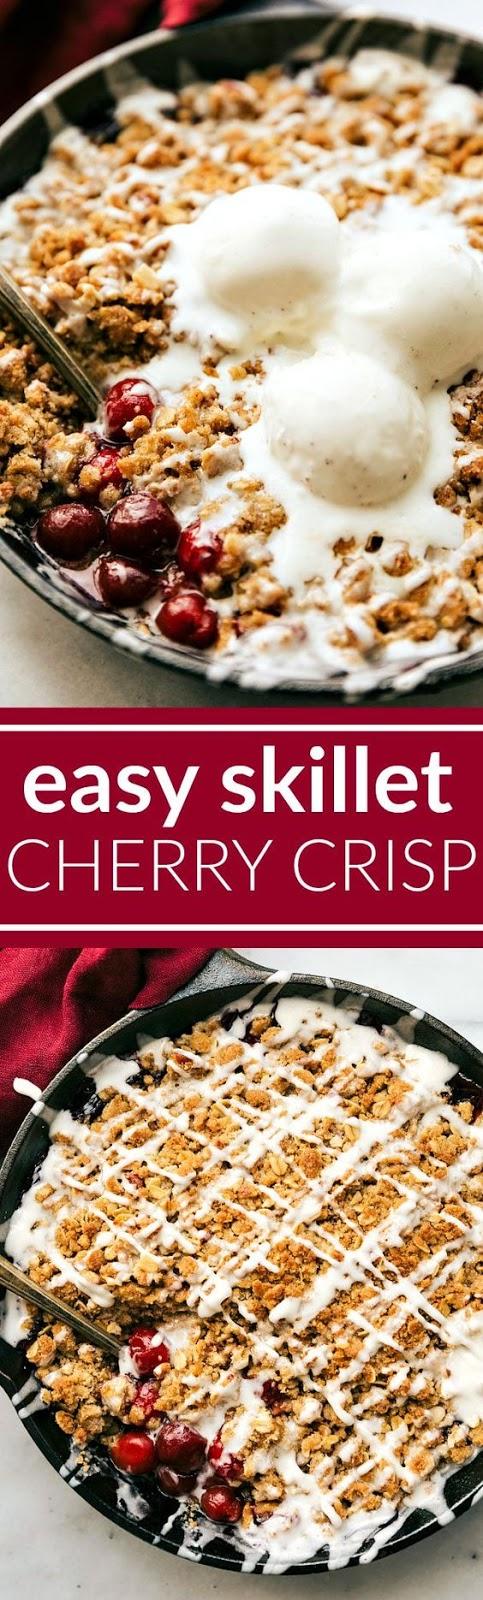 Easy Skillet Cherry Crisp